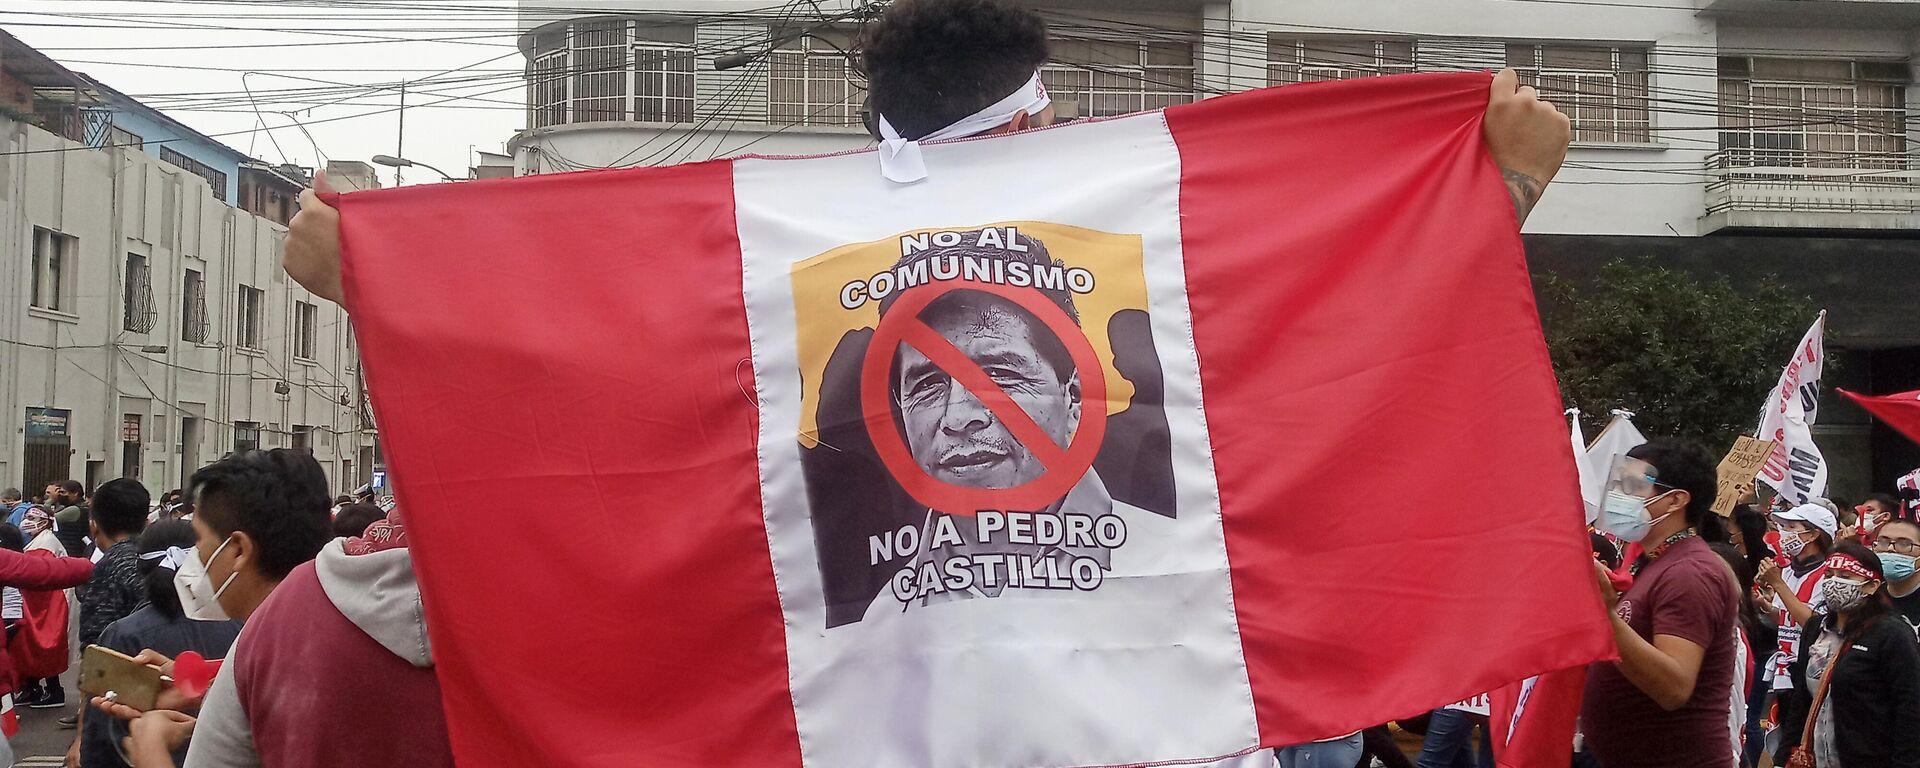 Marcha contra el comunismo y Castillo en Lima - Sputnik Mundo, 1920, 21.07.2021